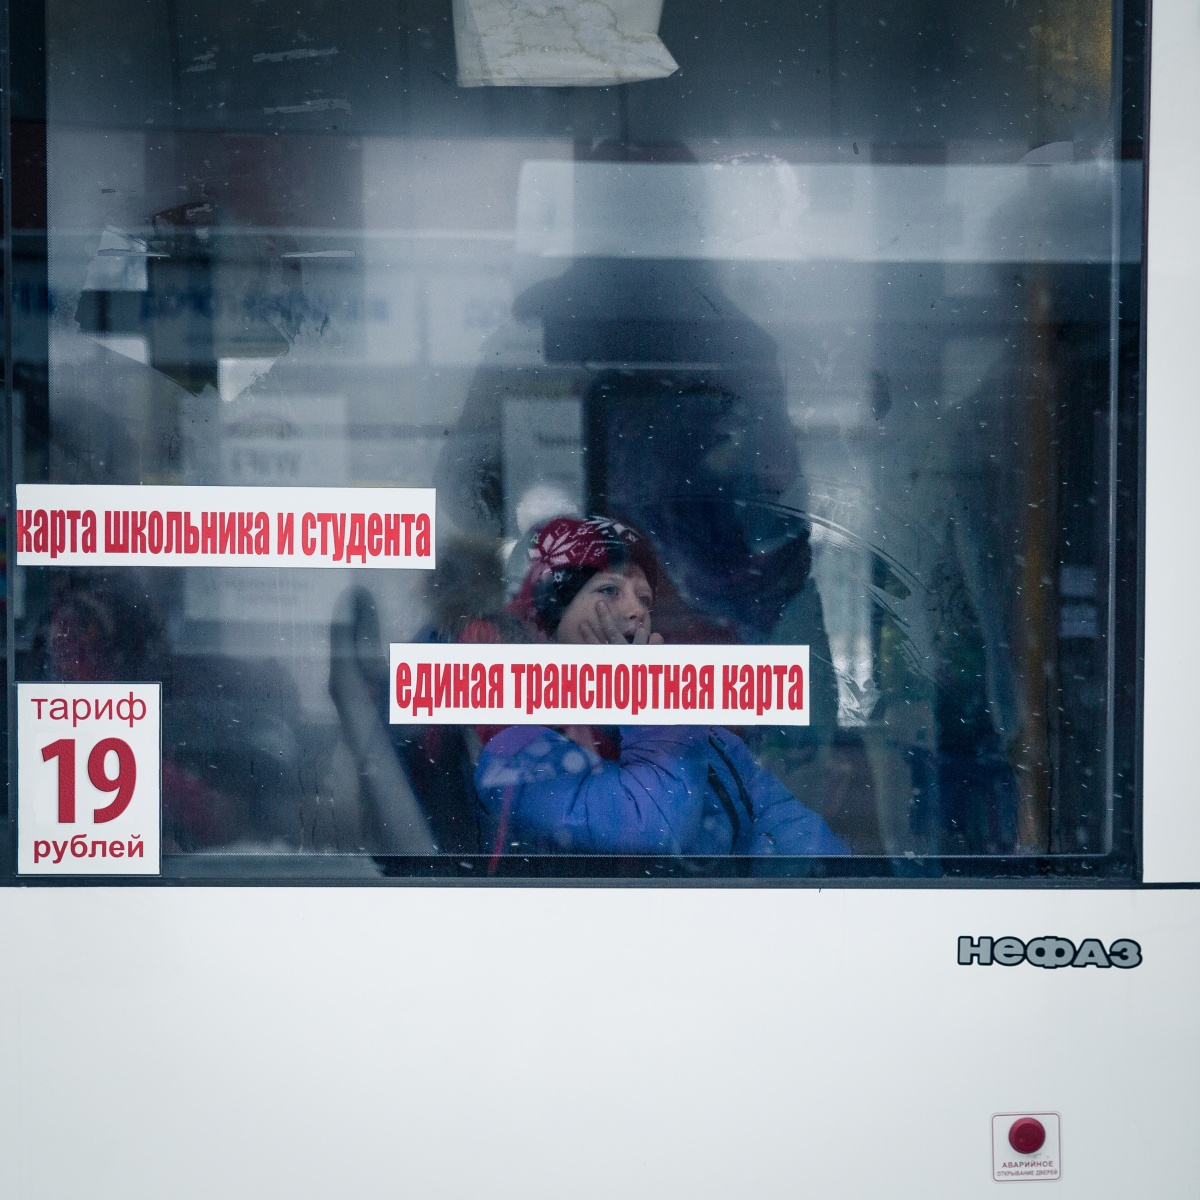 Тариф в общественном транспорте собираются поднять на несколько рублей